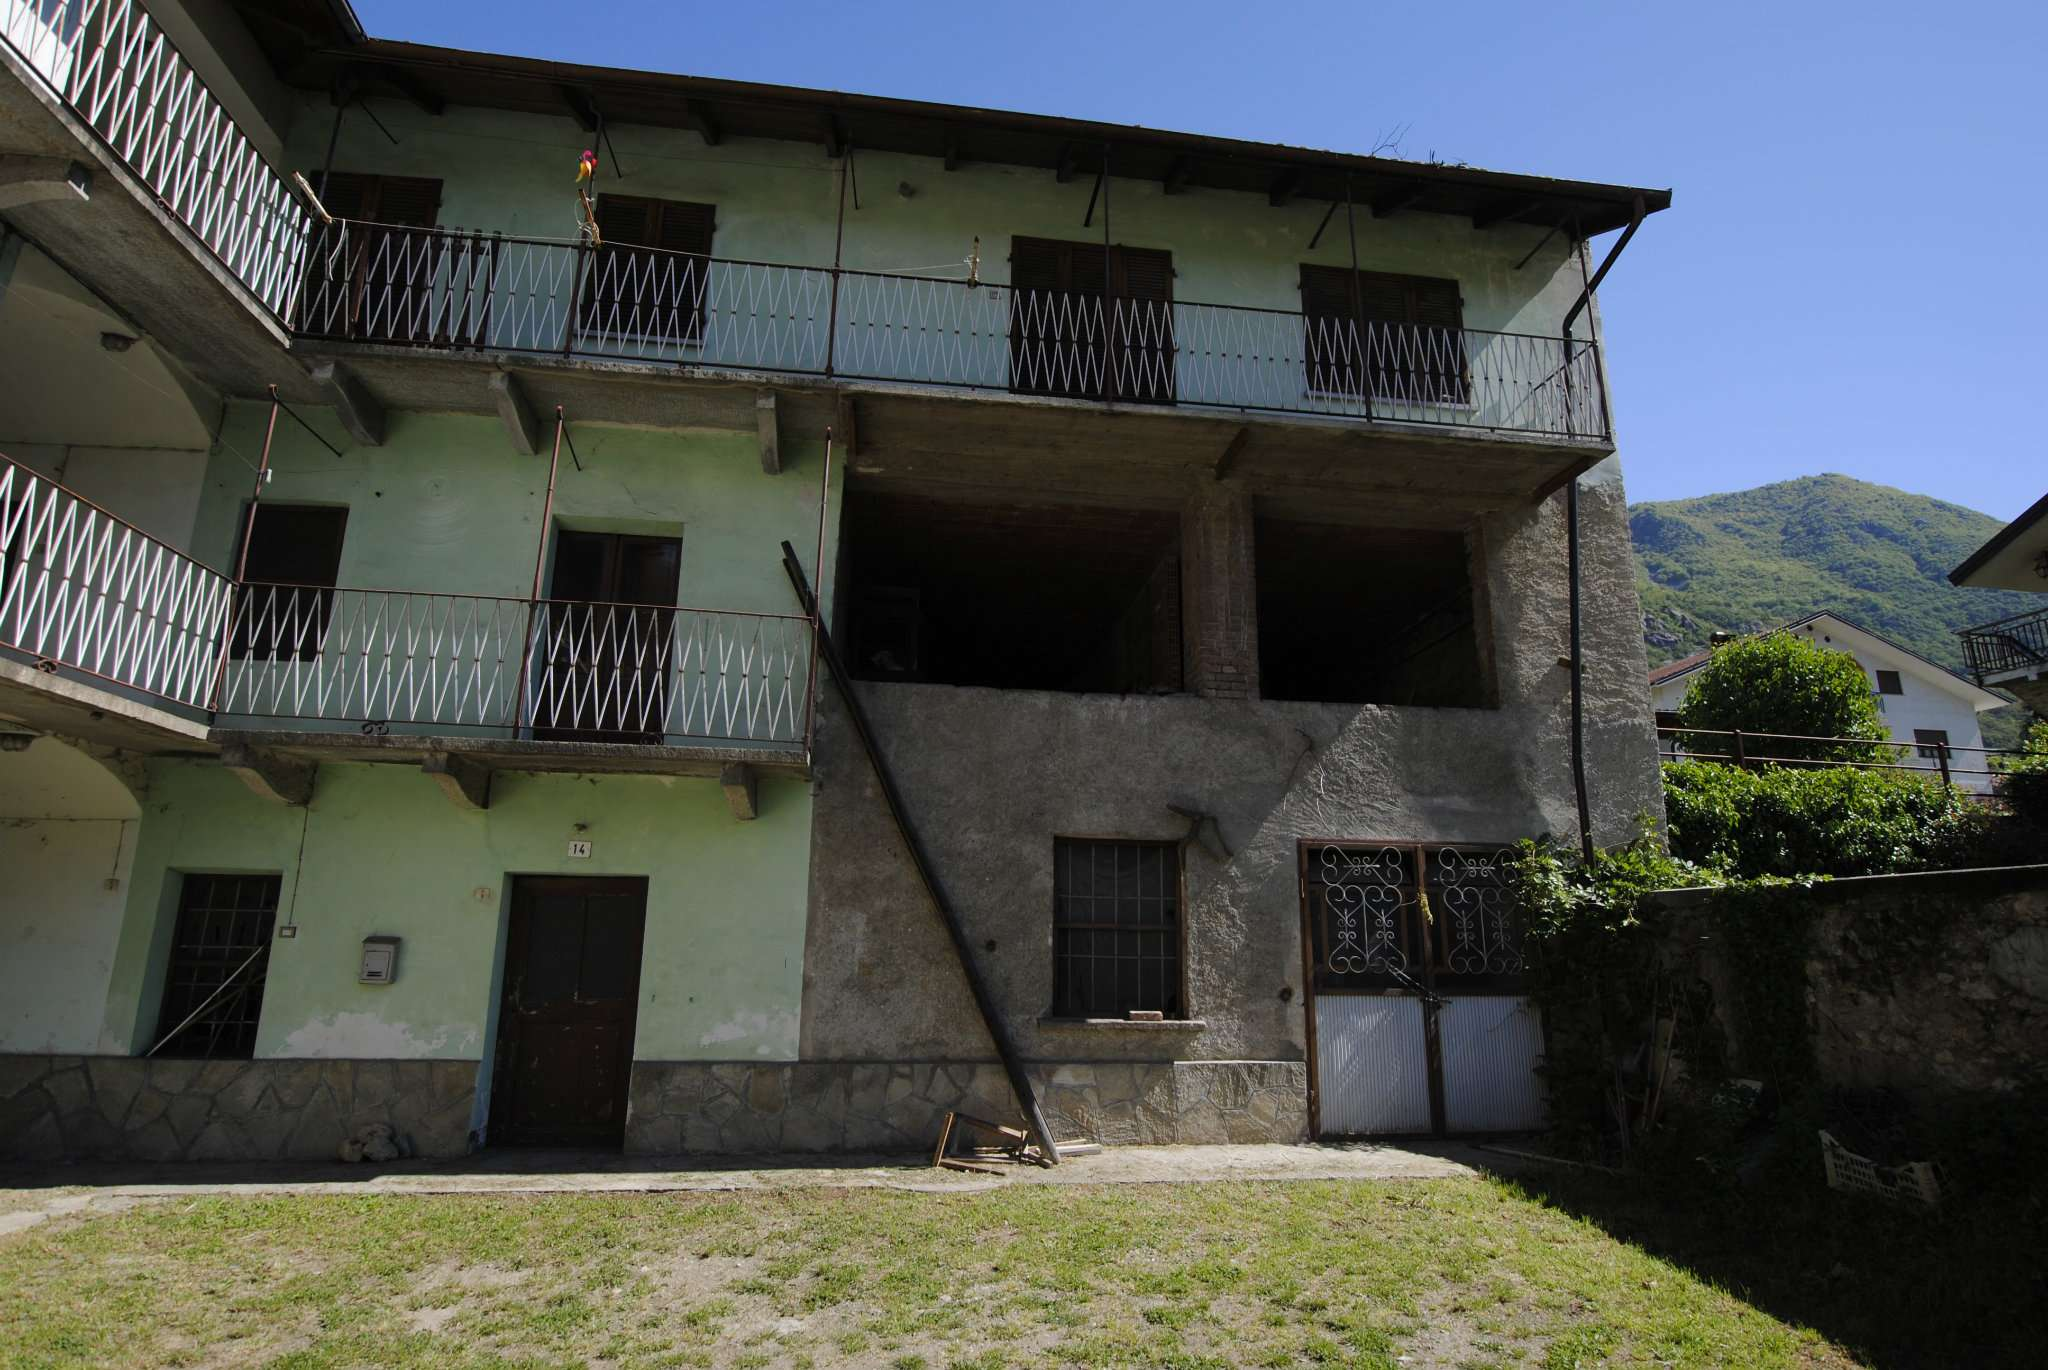 Soluzione Semindipendente in vendita a Borgone Susa, 7 locali, prezzo € 59.000 | CambioCasa.it